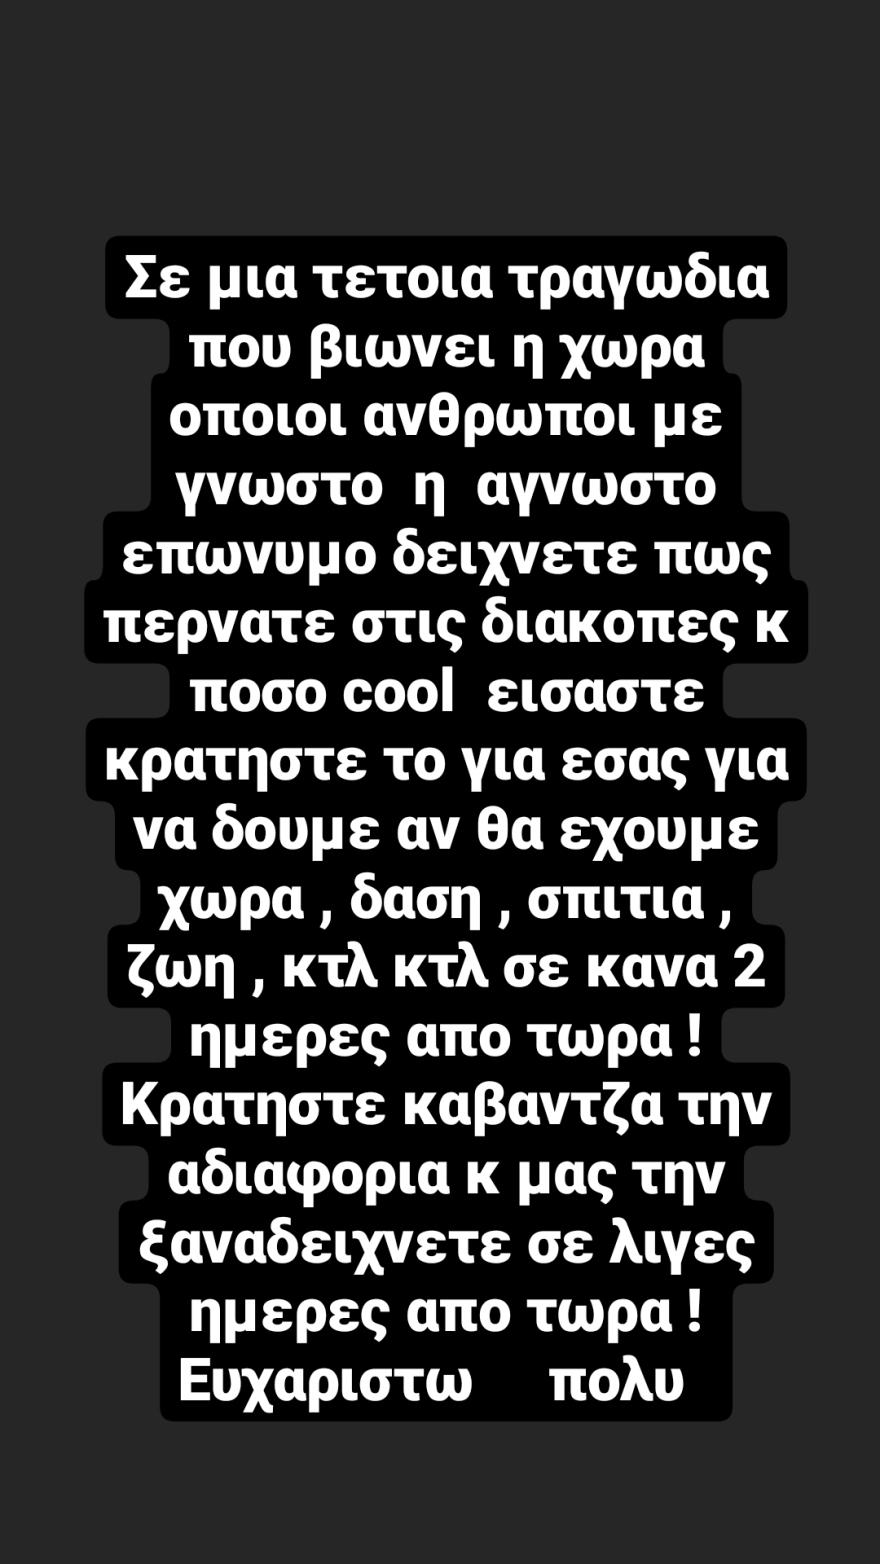 xristopoyloy